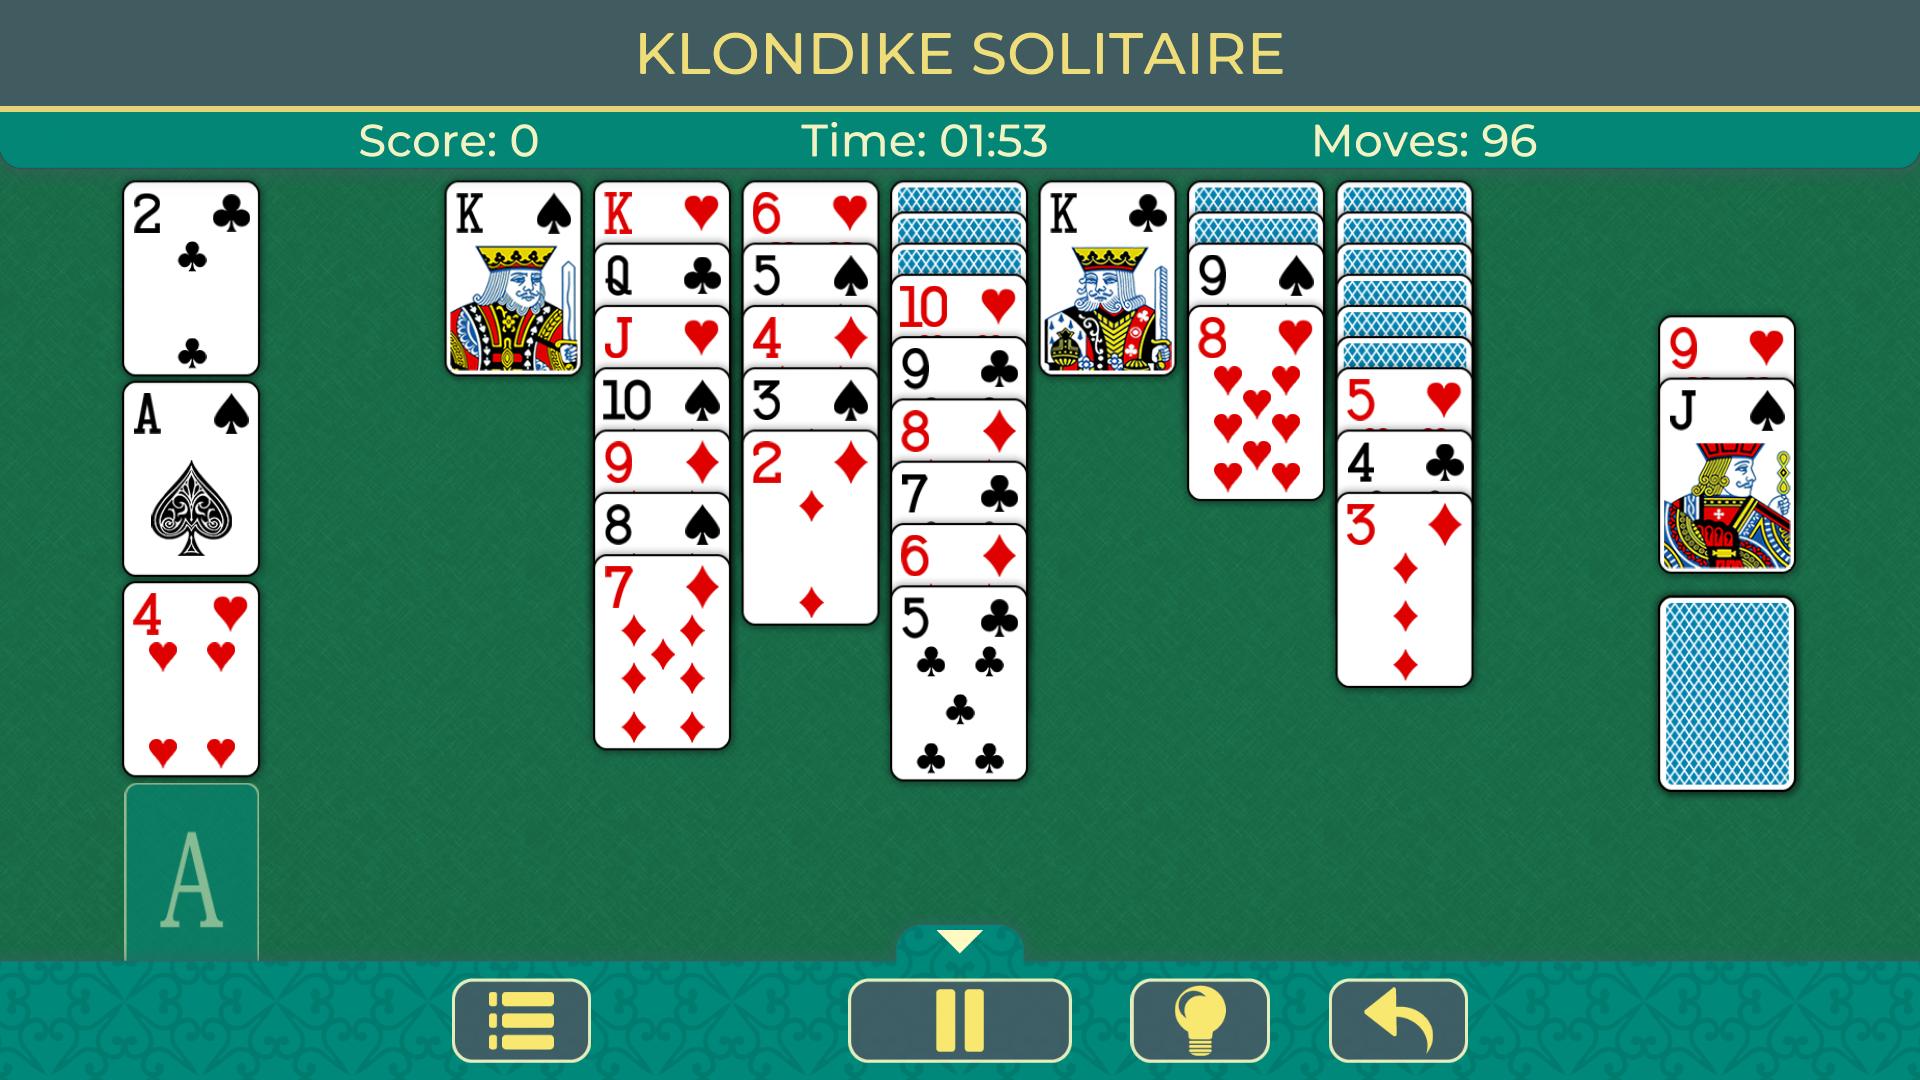 Klondike Solitaire. Clásico juego de cartas y paciencia